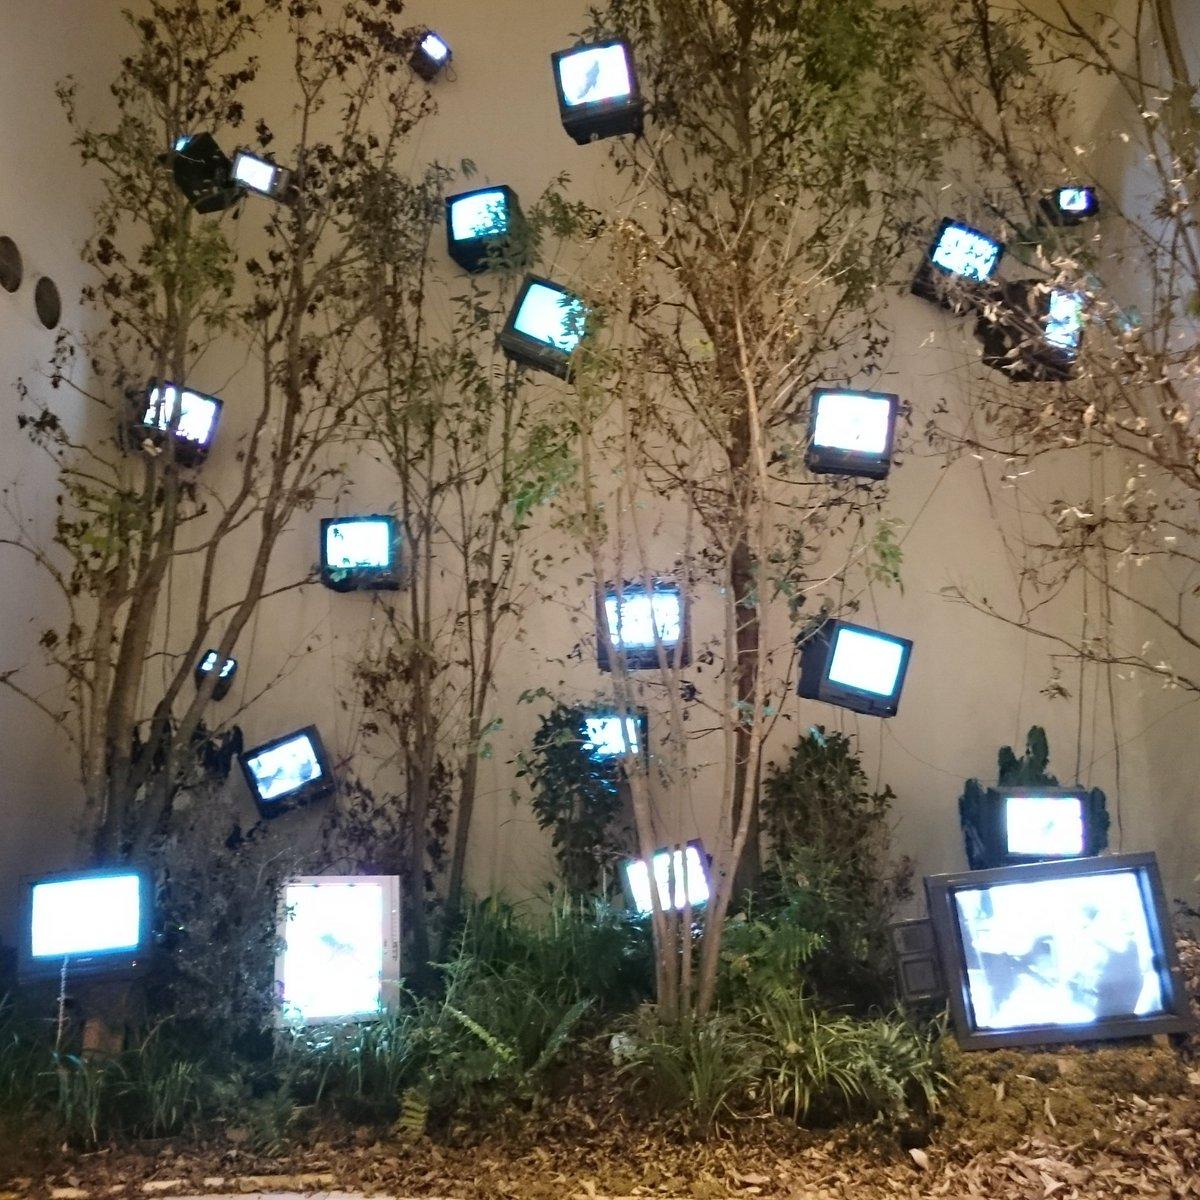 「ナムジュン・パイク展」、『グローバル・グルーヴ』を観れたのがとても良かったです。なるほど「こういう映像」の元祖はこれなのですね/ワタリウム美術館にて2017年1月29日まで。 https://t.co/t2fGlB6sEc